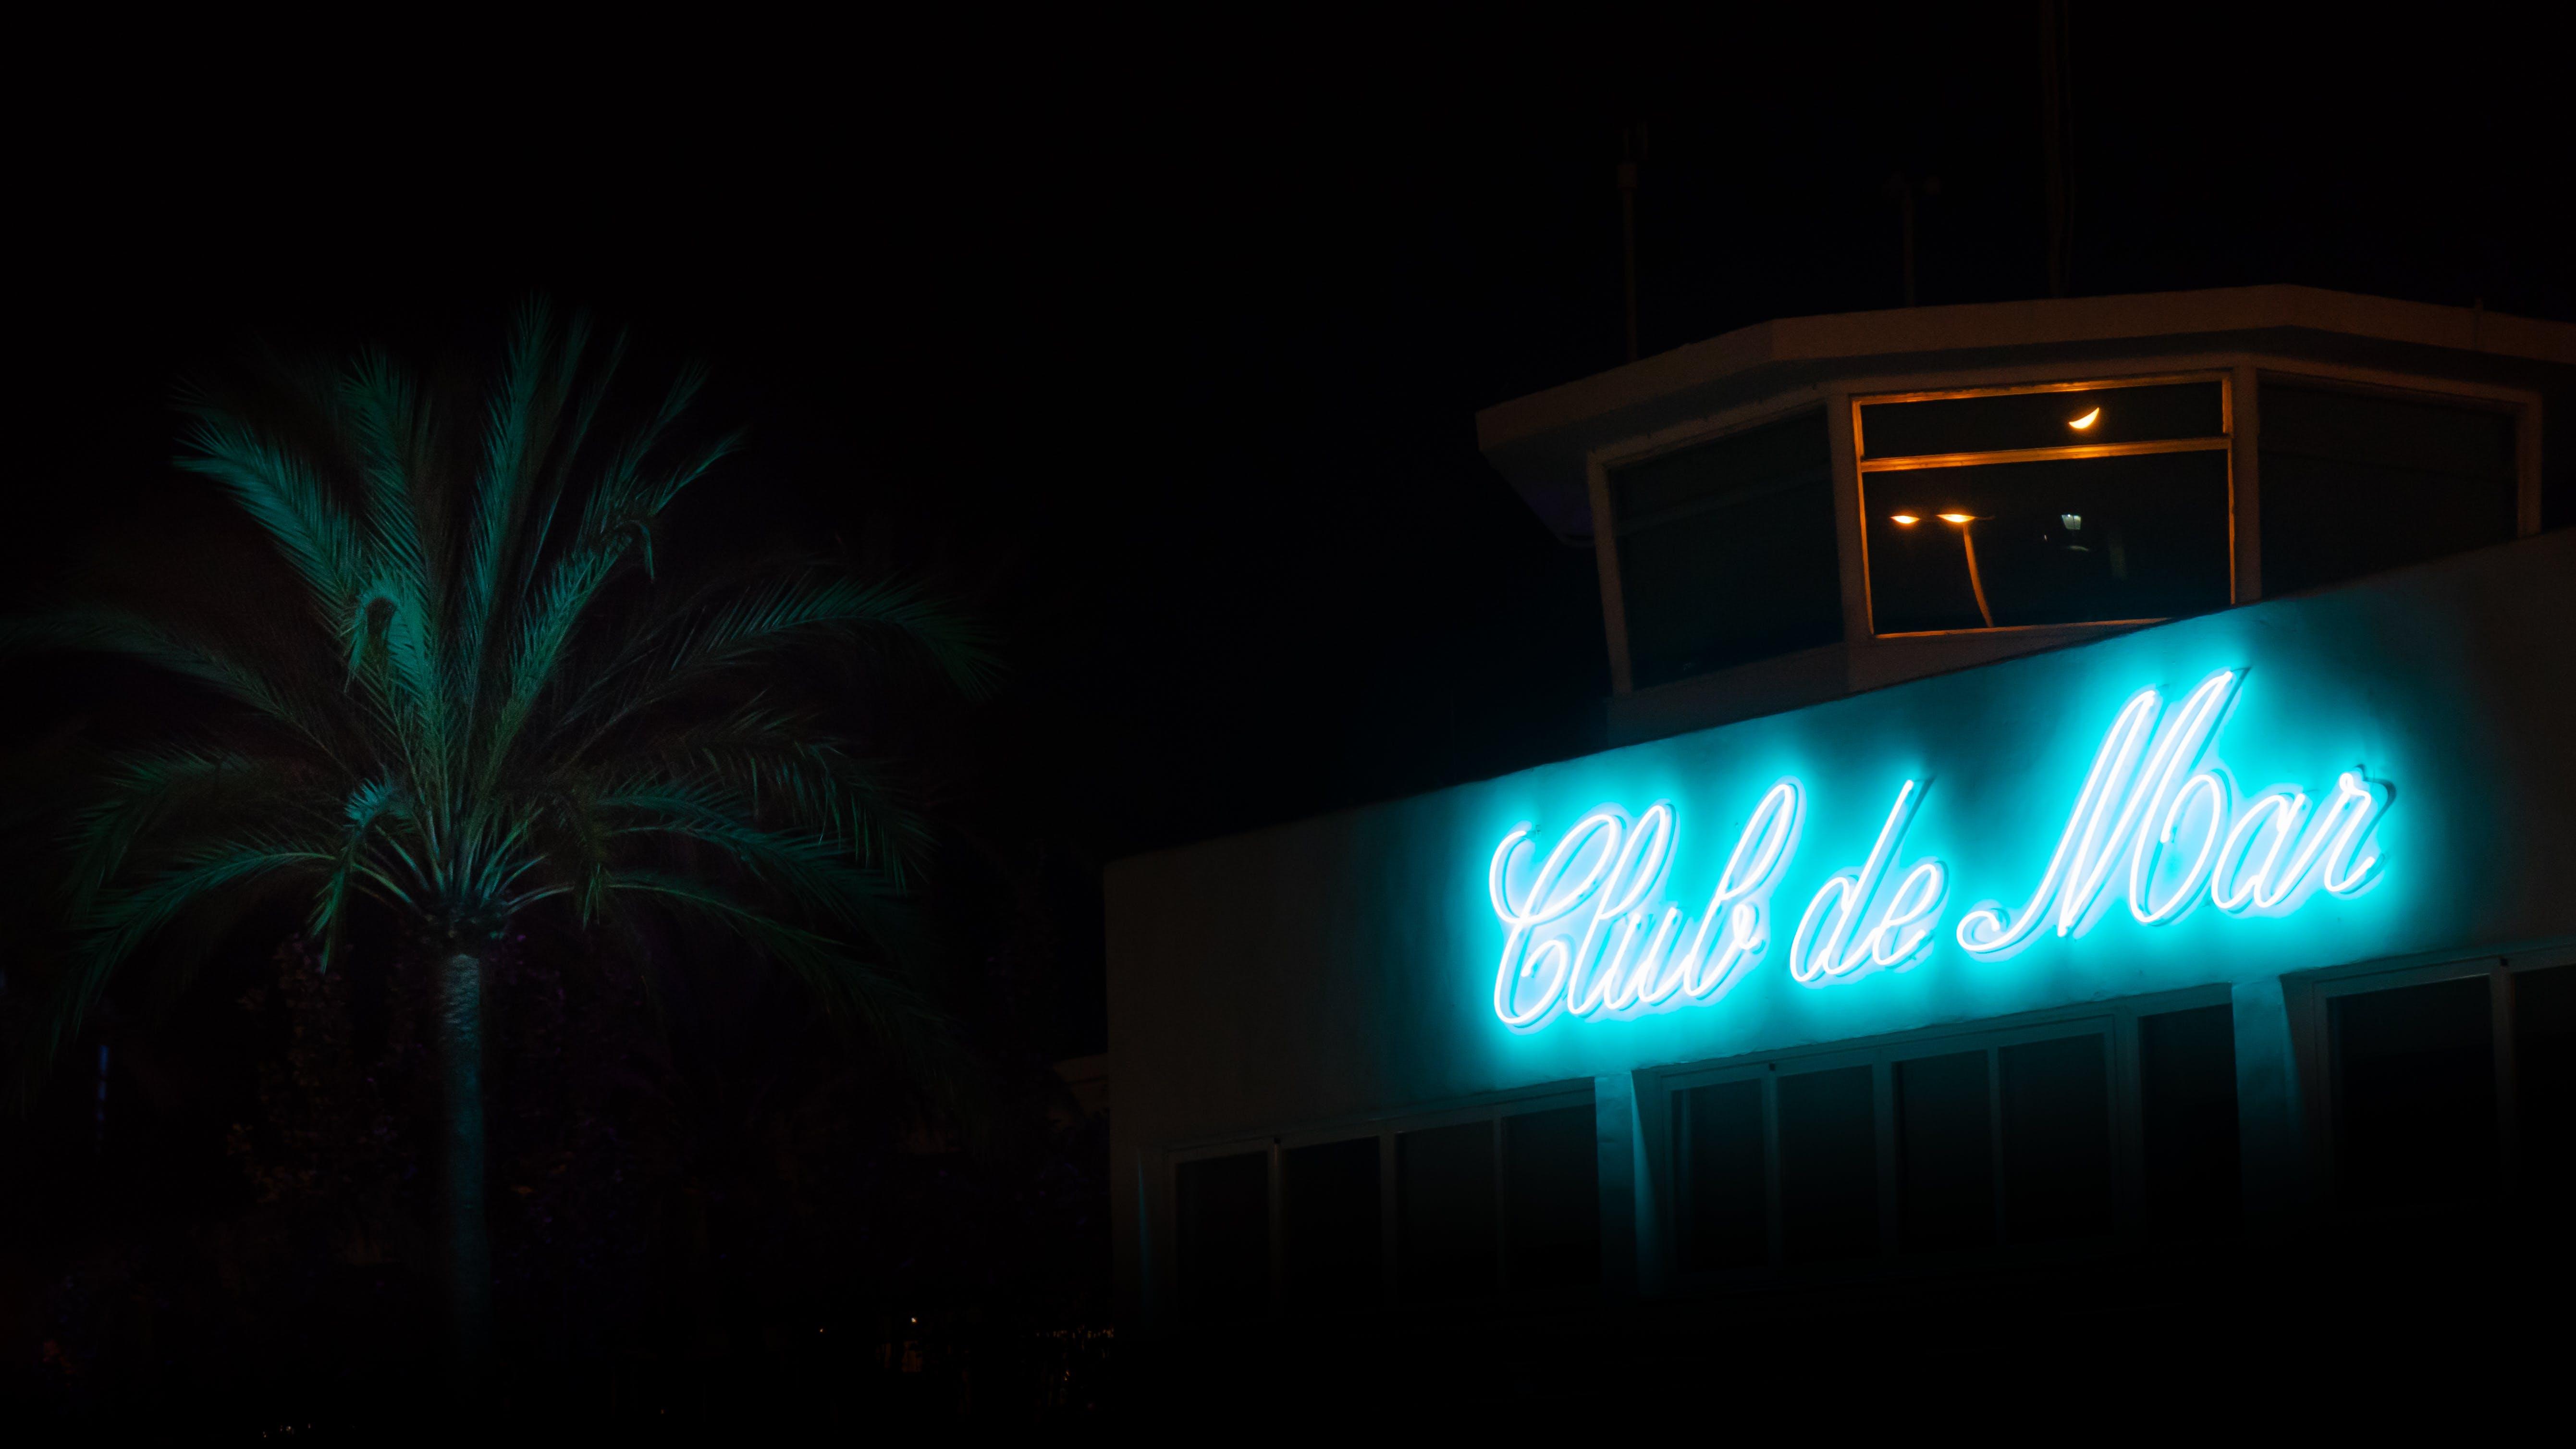 Gratis stockfoto met architectuur, avond, balk, belicht